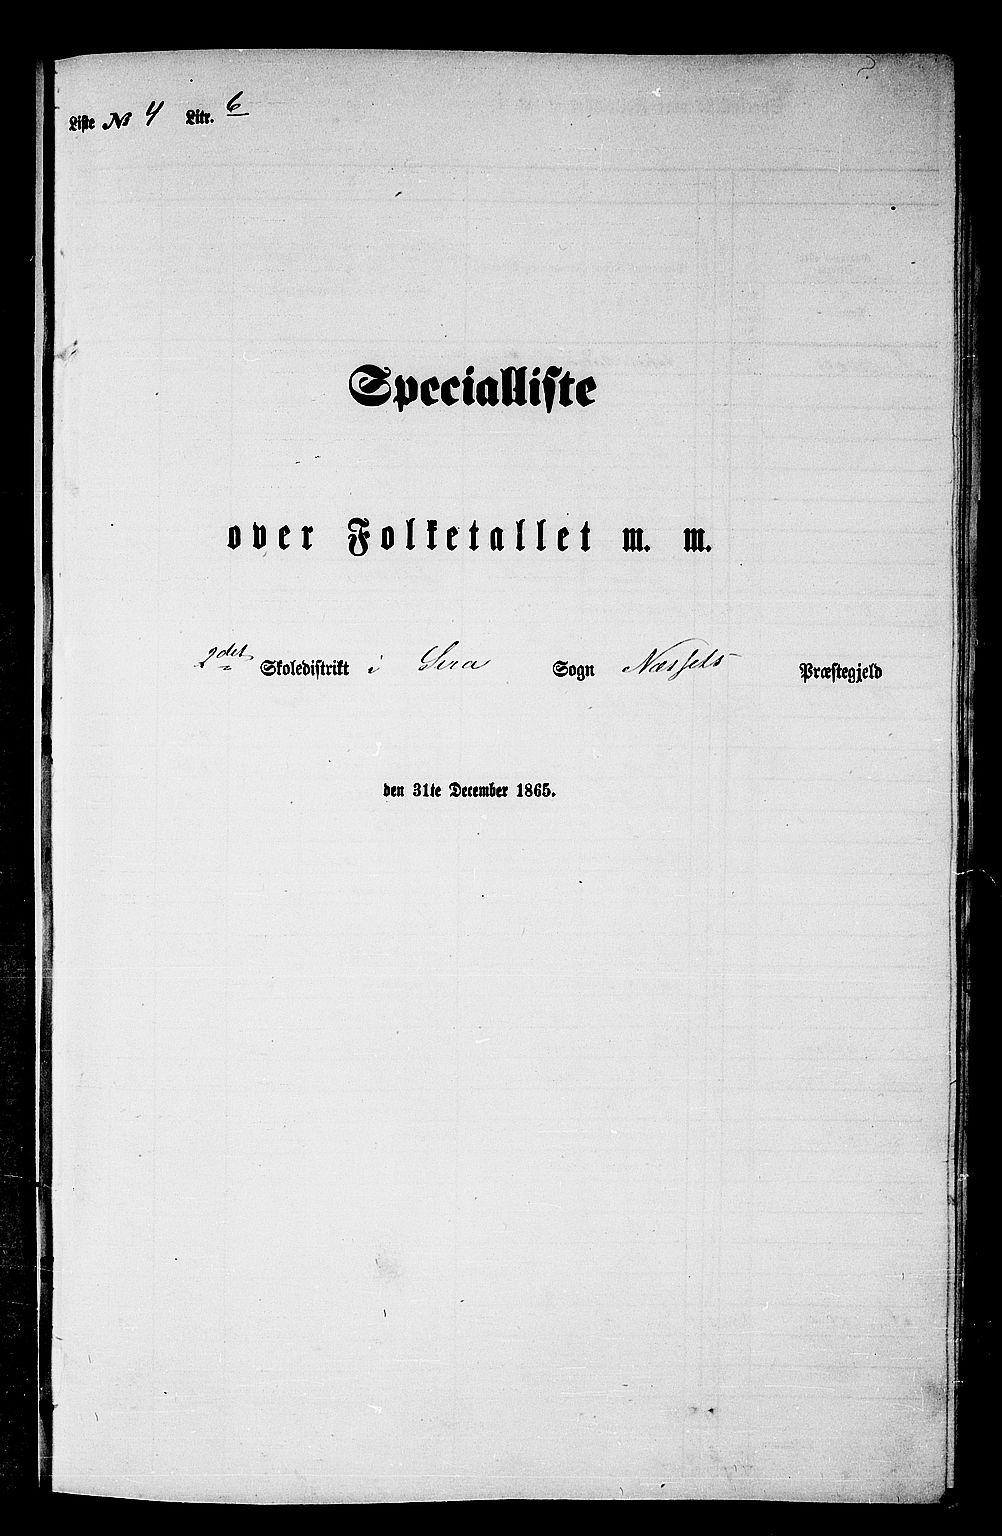 RA, Folketelling 1865 for 1543P Nesset prestegjeld, 1865, s. 85